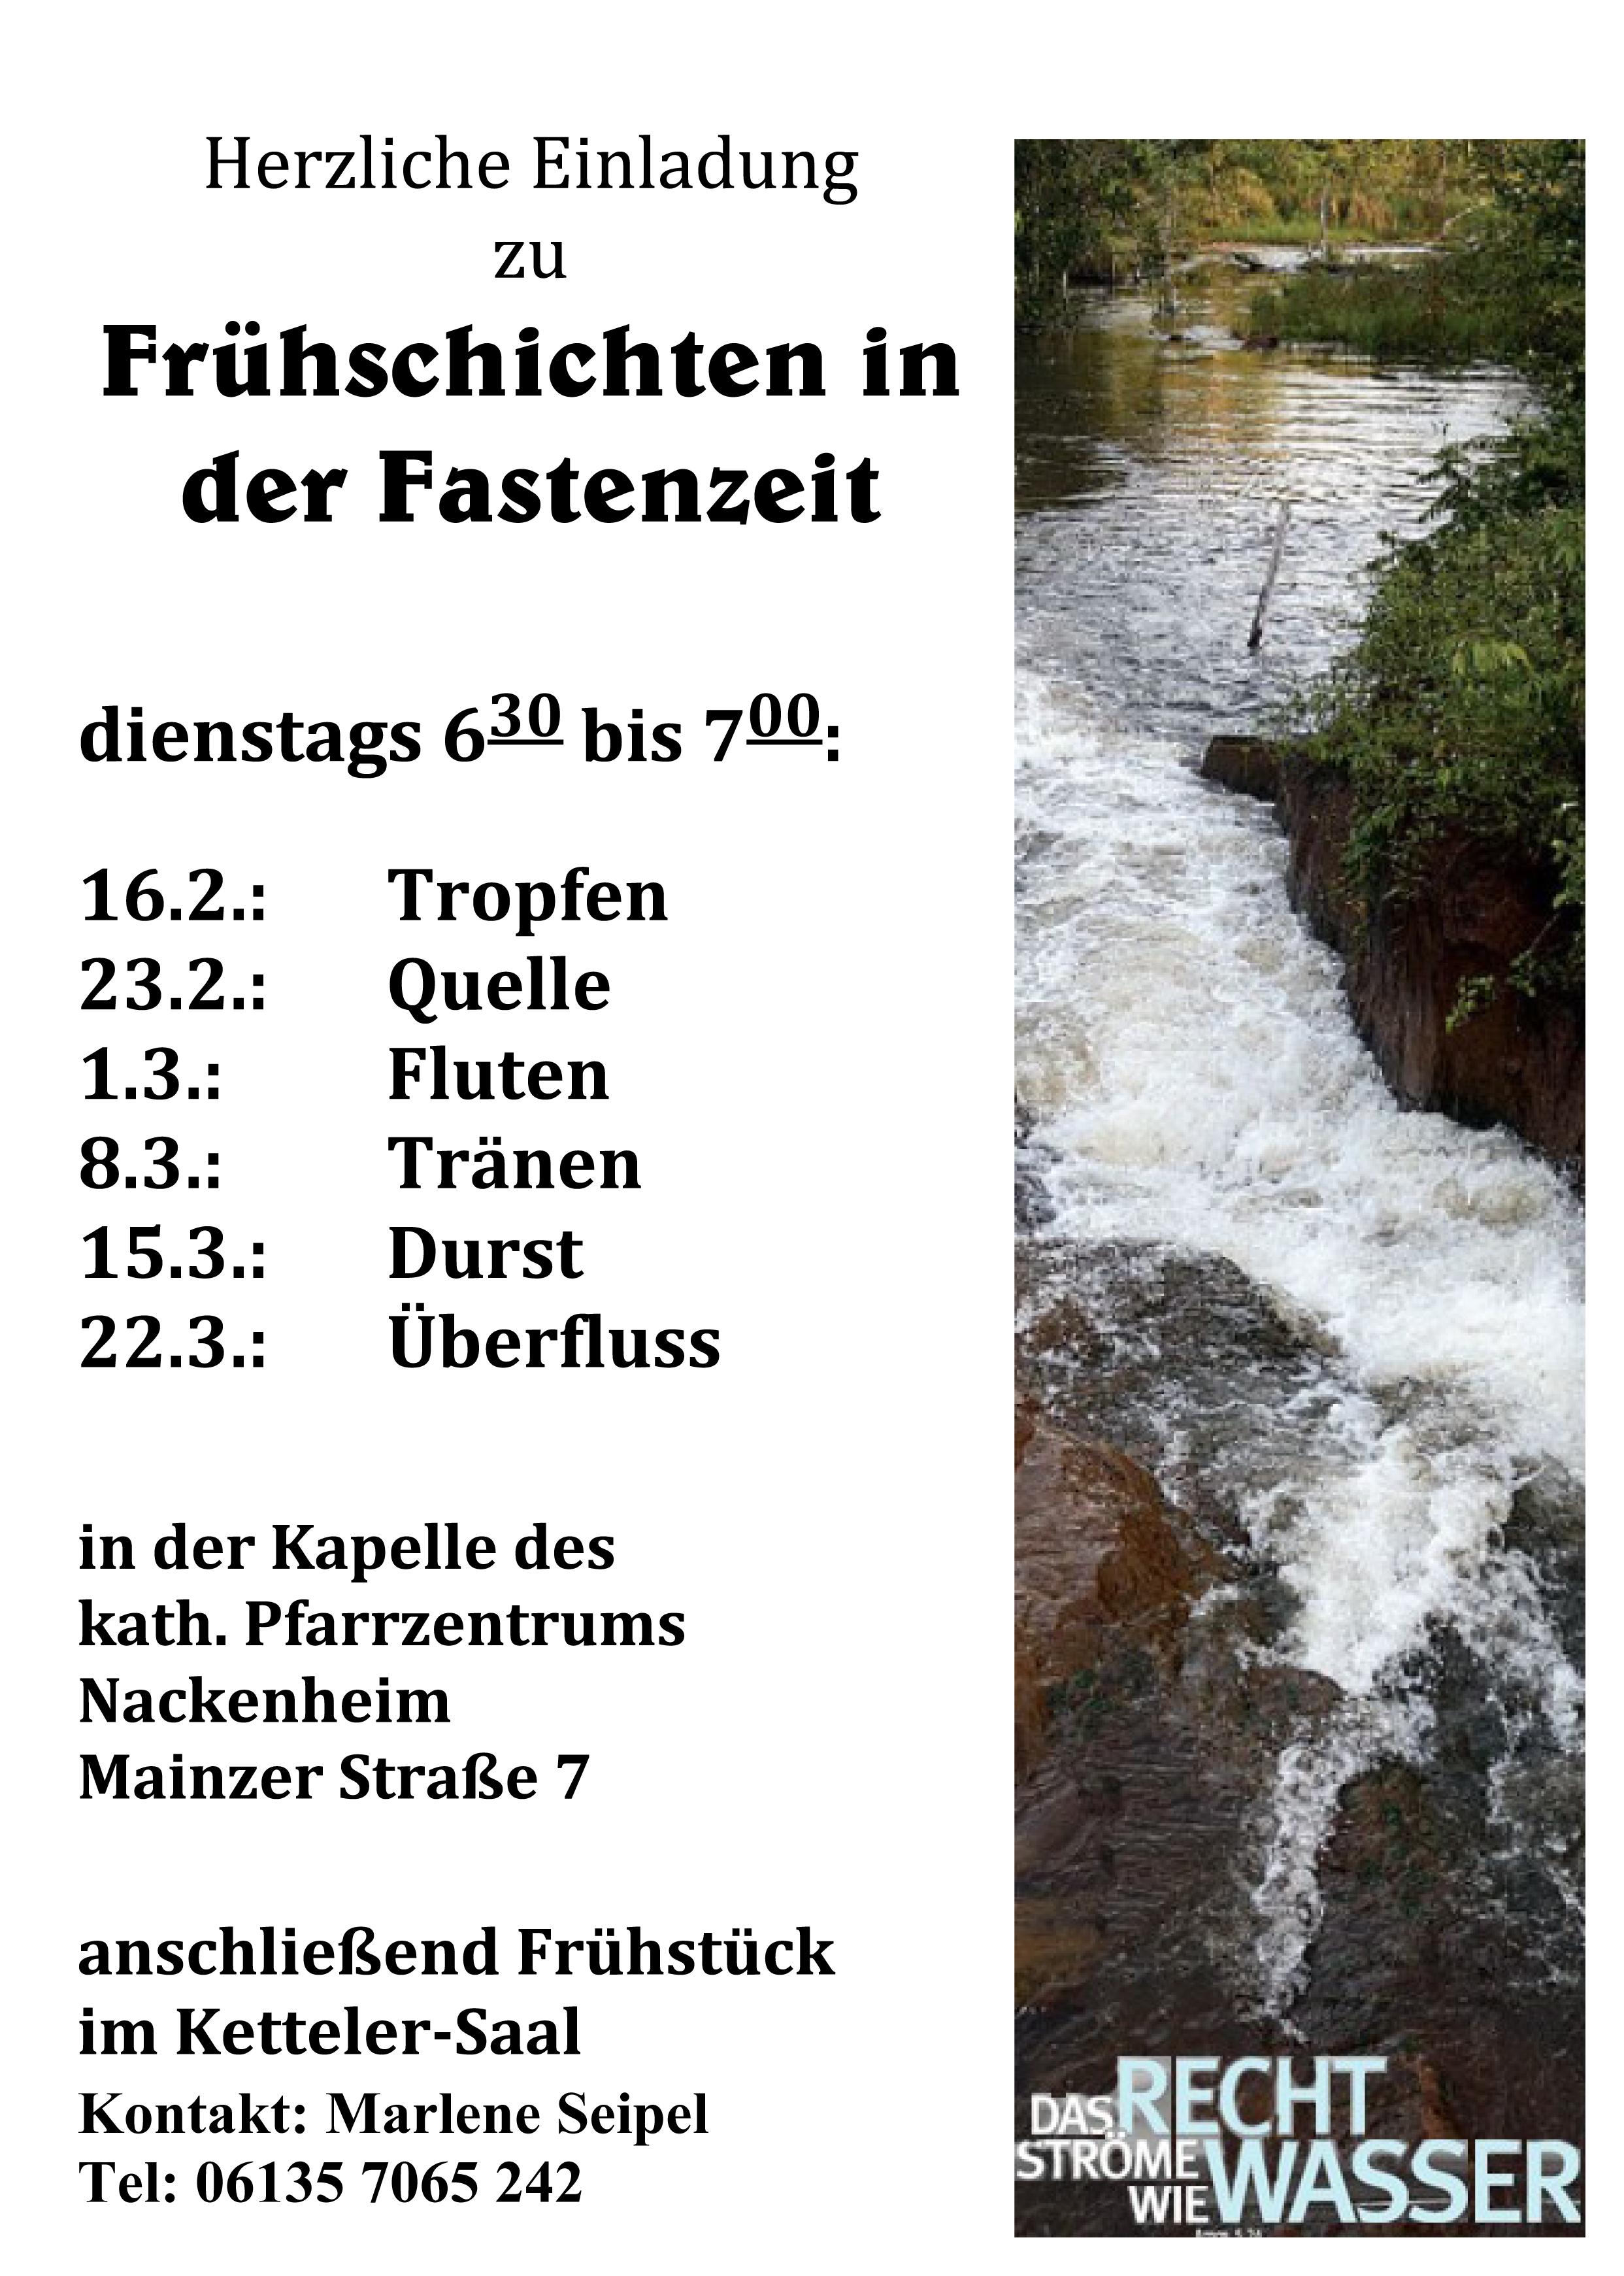 2016 01 Frühschichten